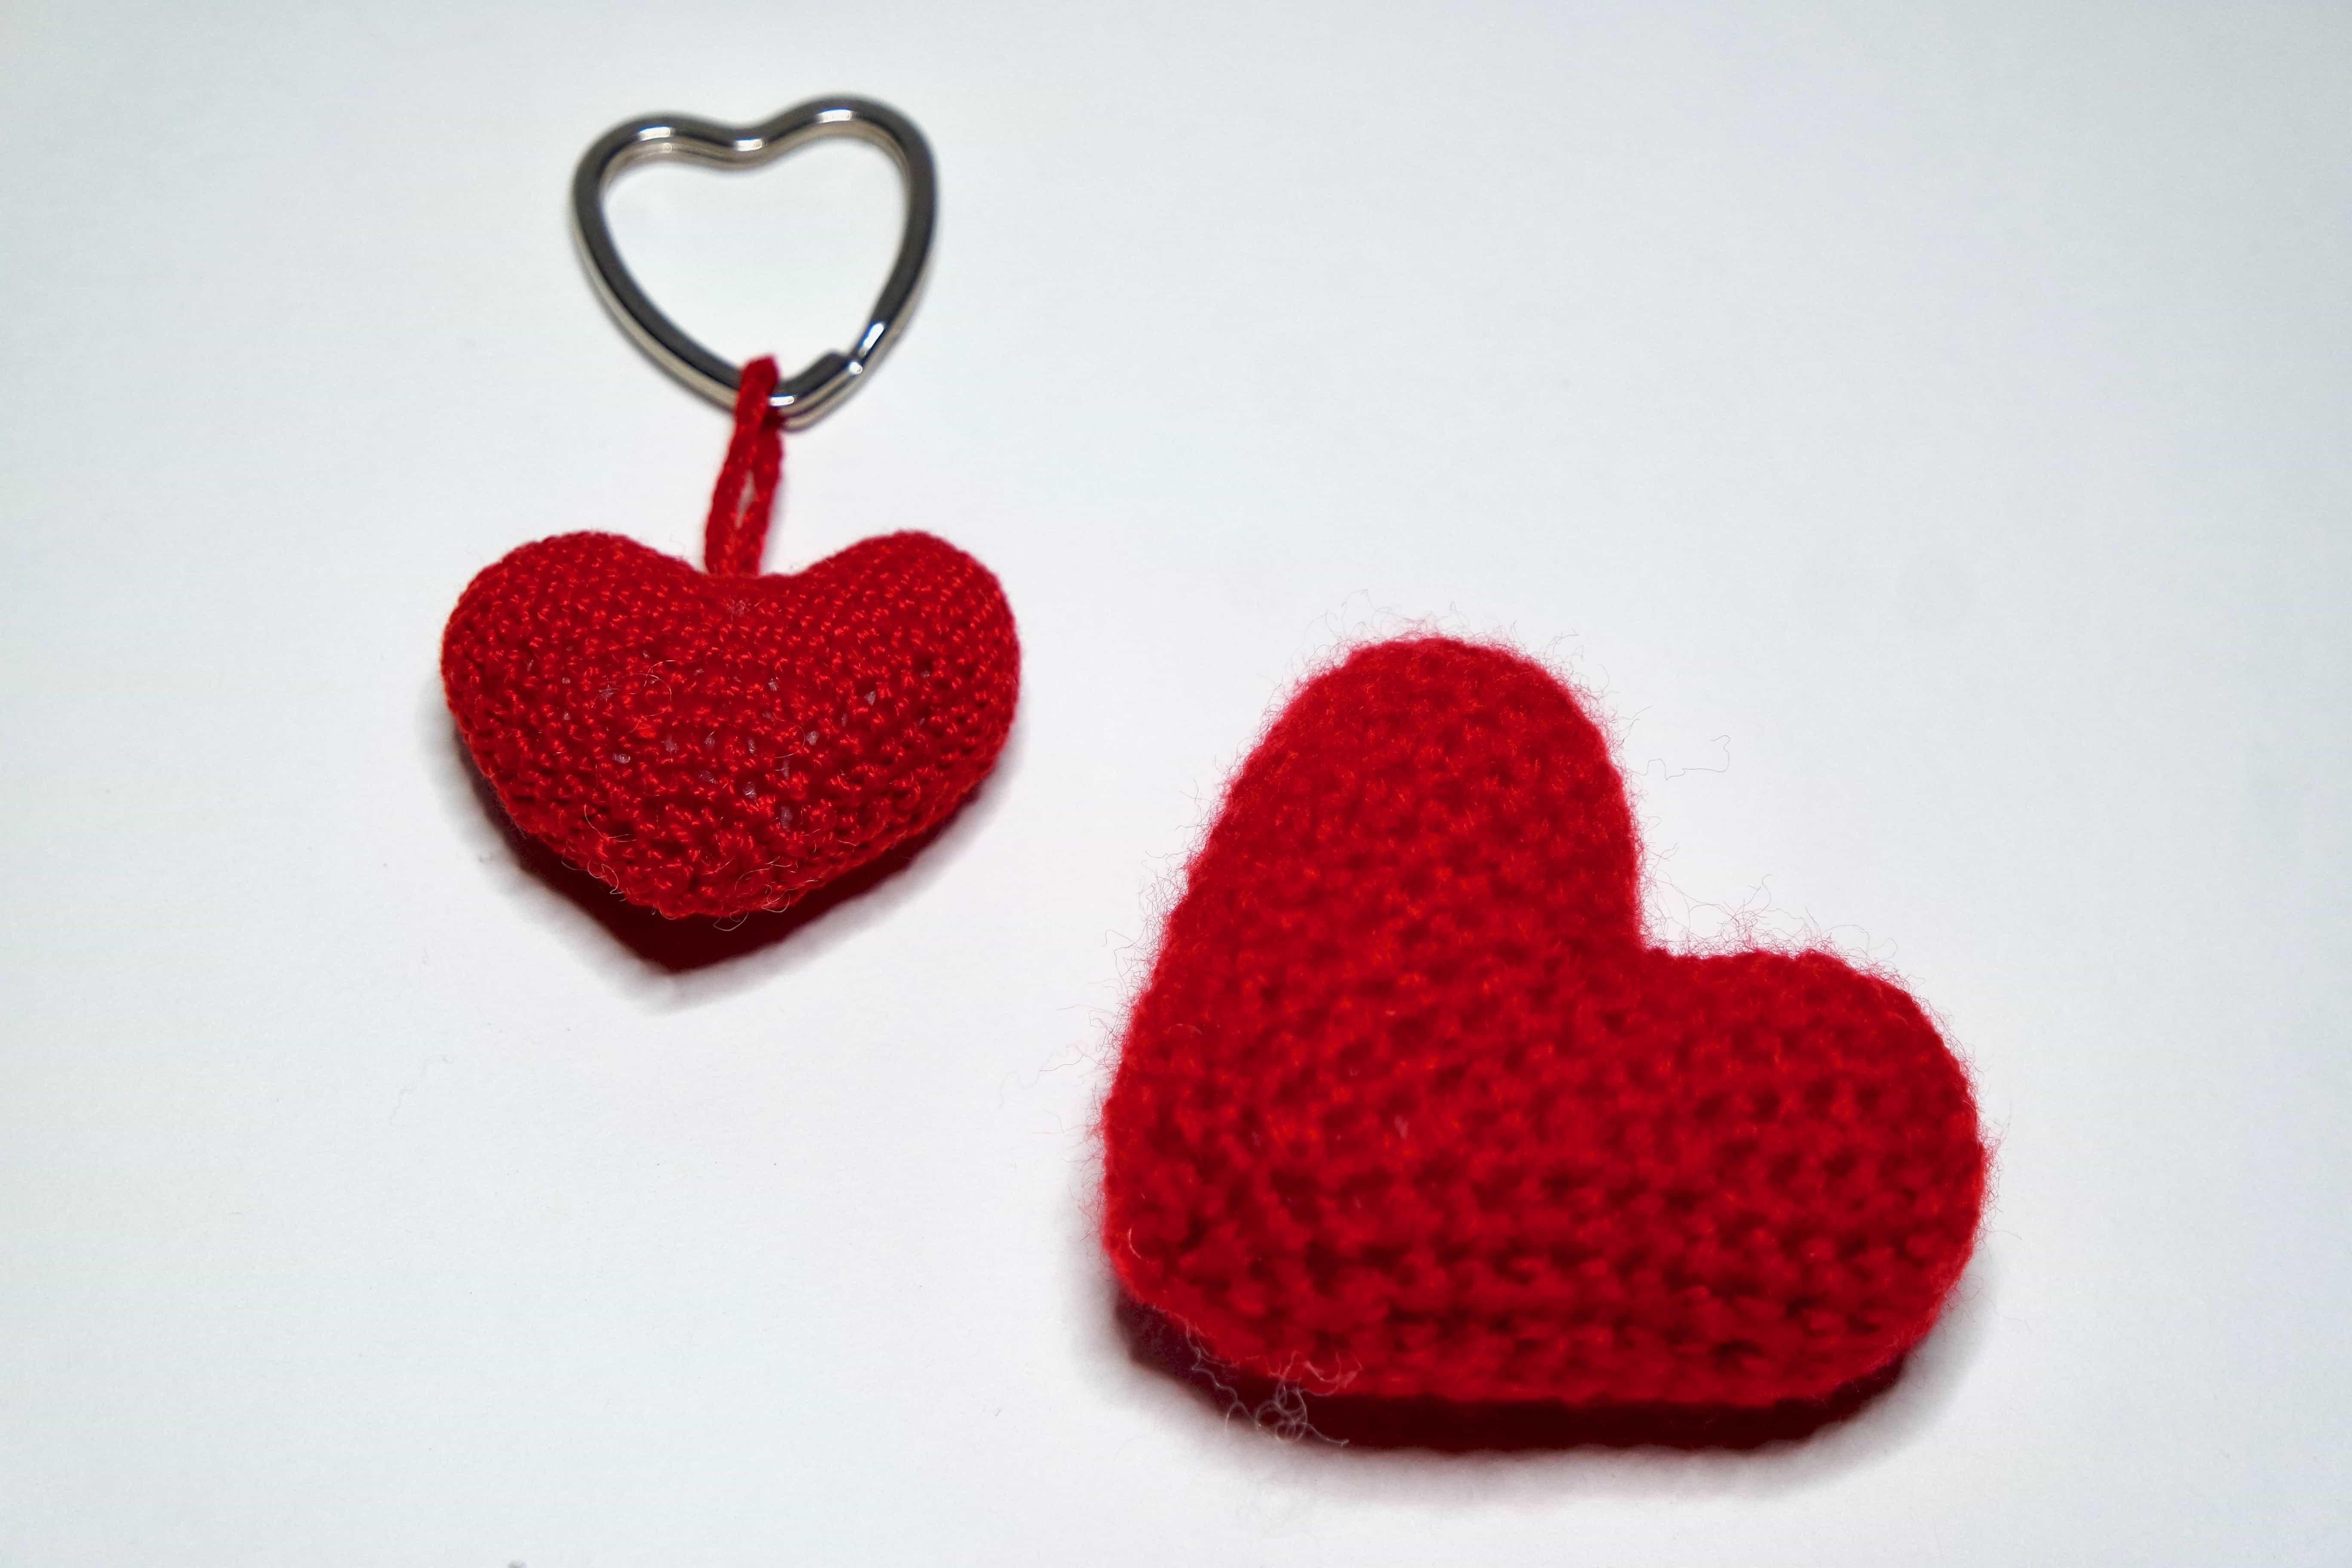 Häkelanleitung Herz Kostenlos Wolligurumi